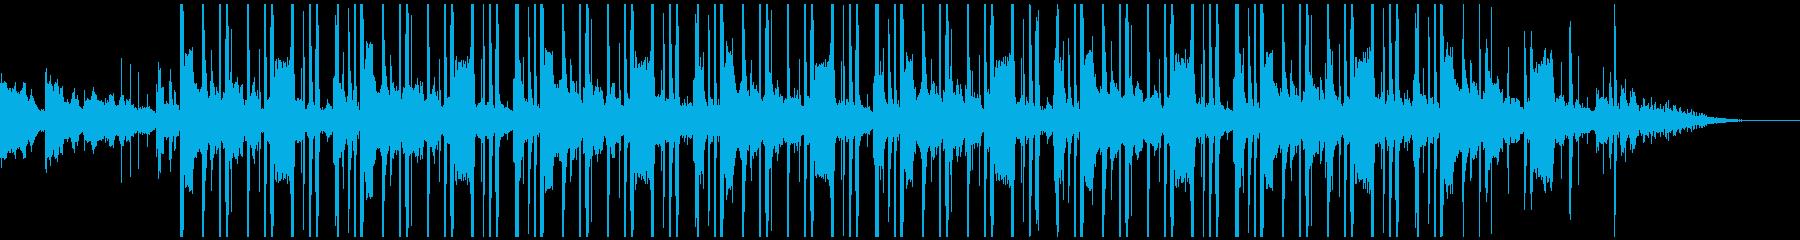 120bpmの静かな雰囲気のビートの再生済みの波形